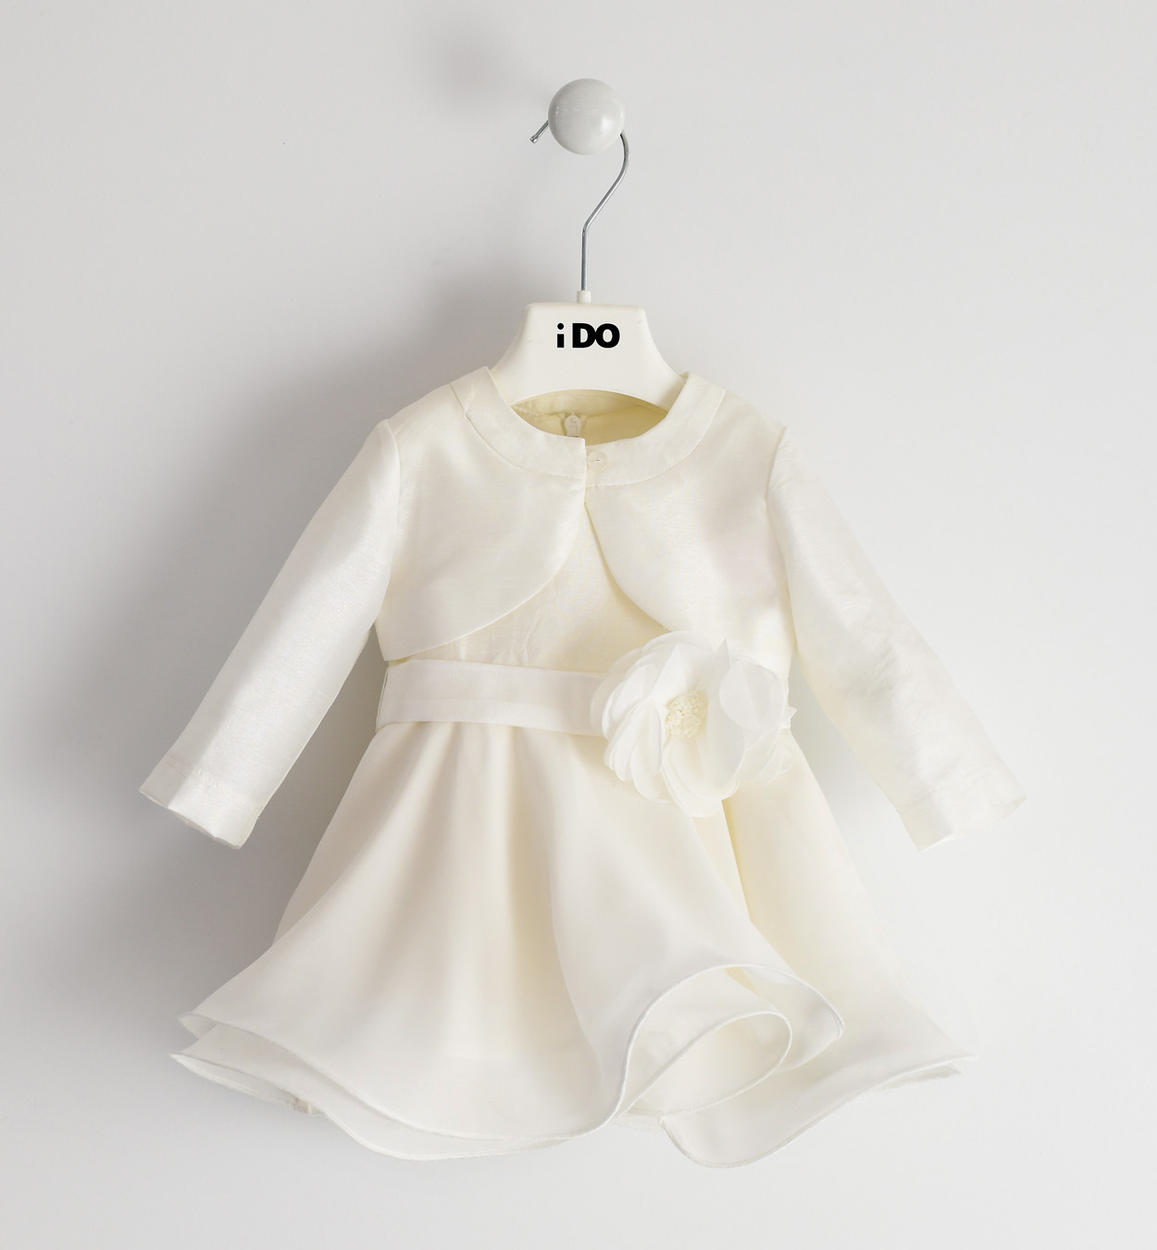 elegante abito con raffinato coprispalle panna fronte 01 0444j13100 0112